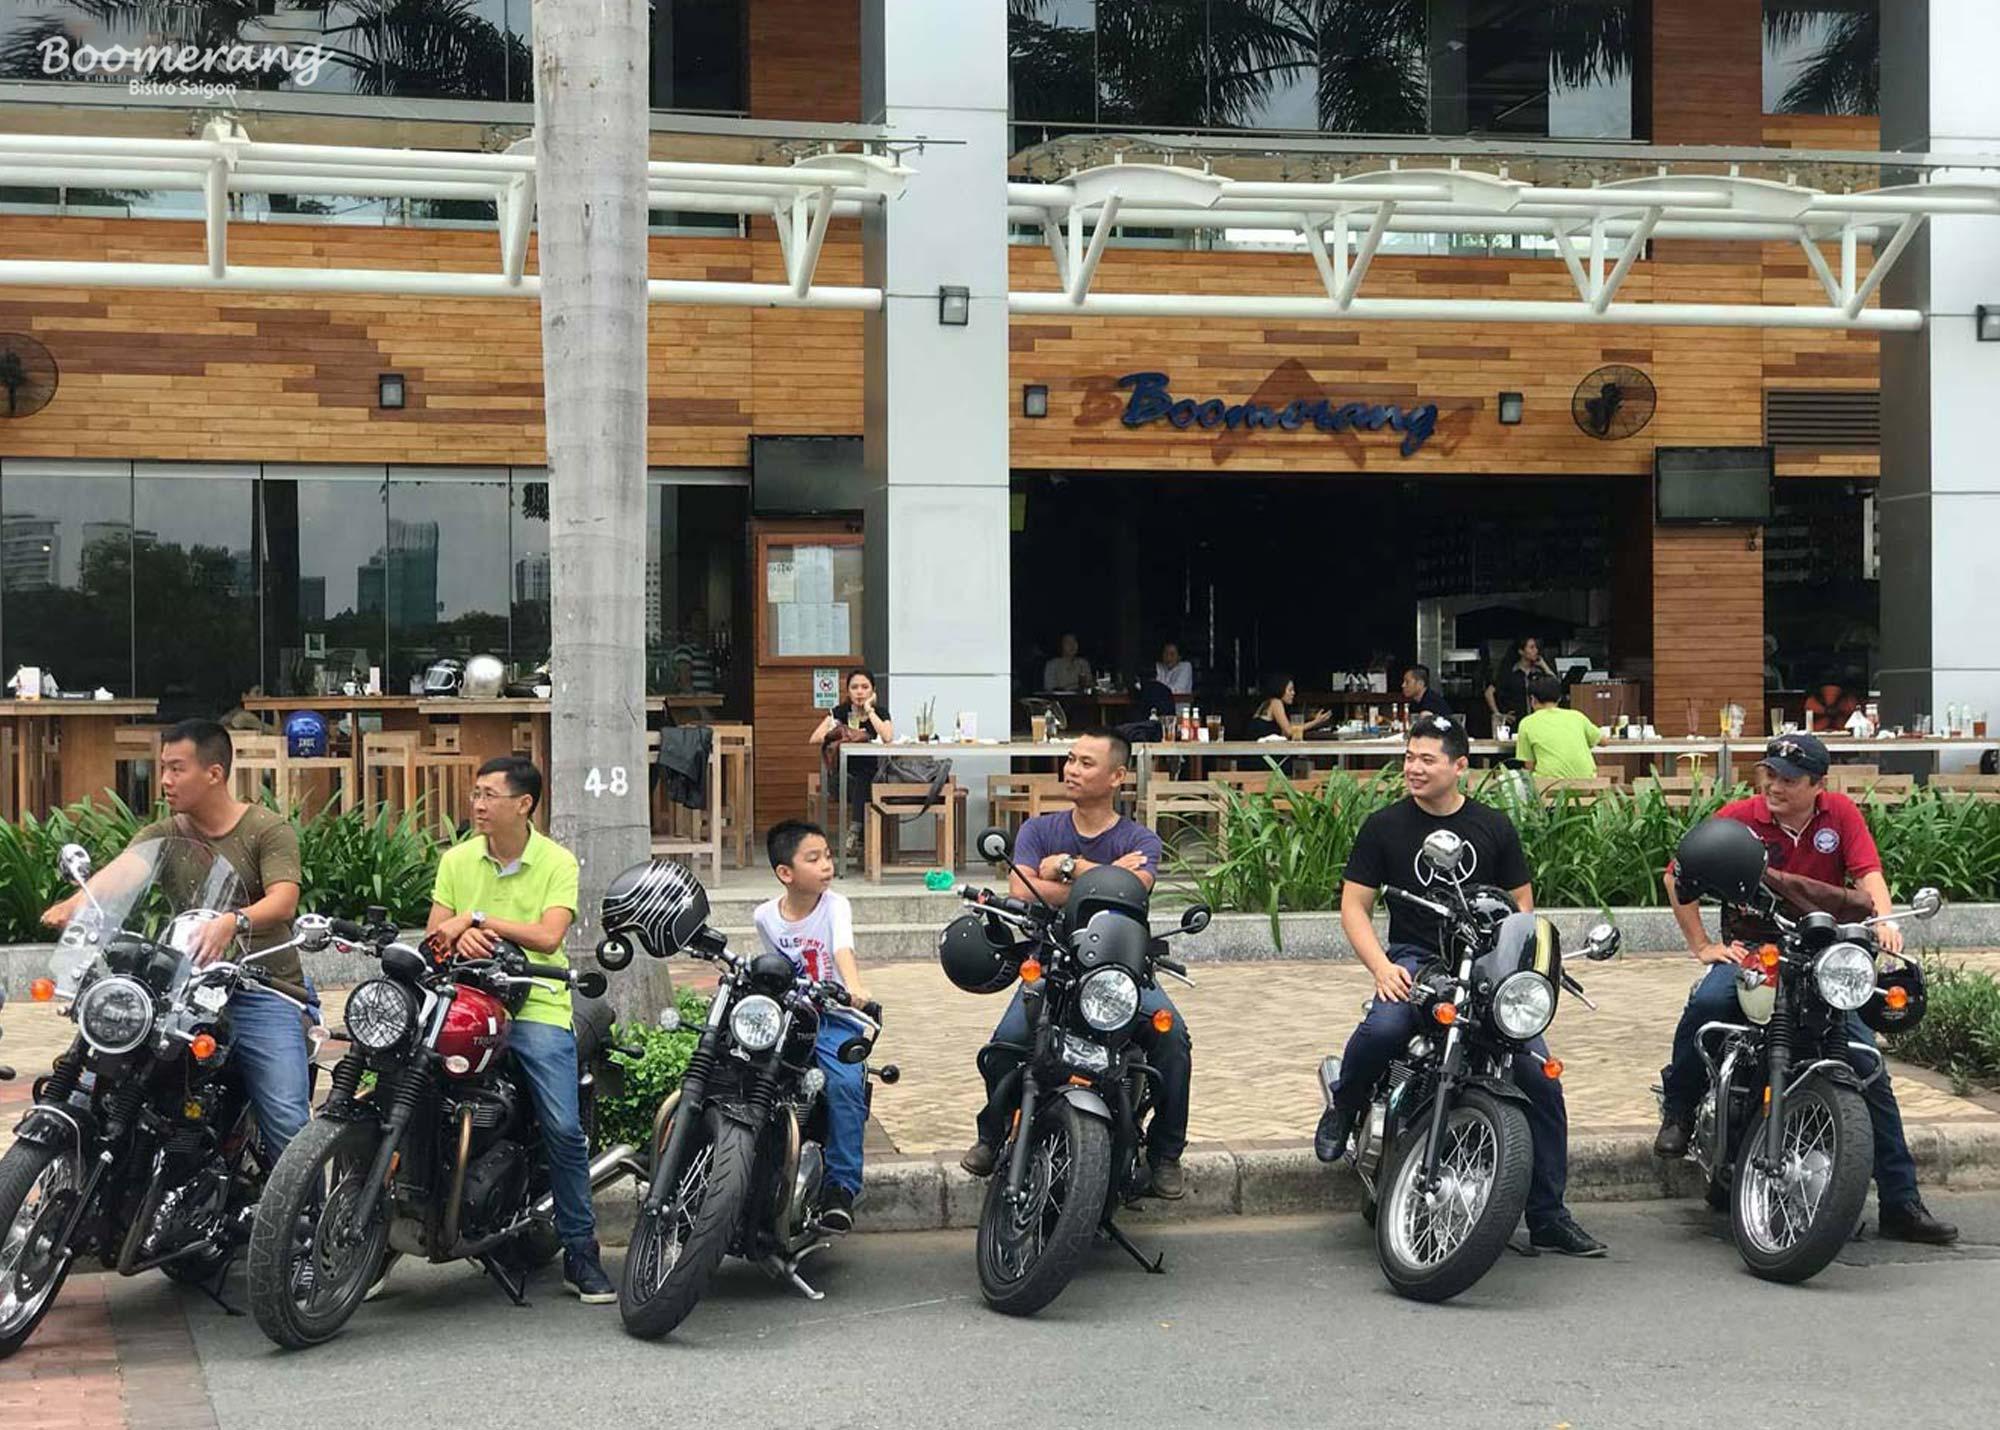 Triumph motors' members